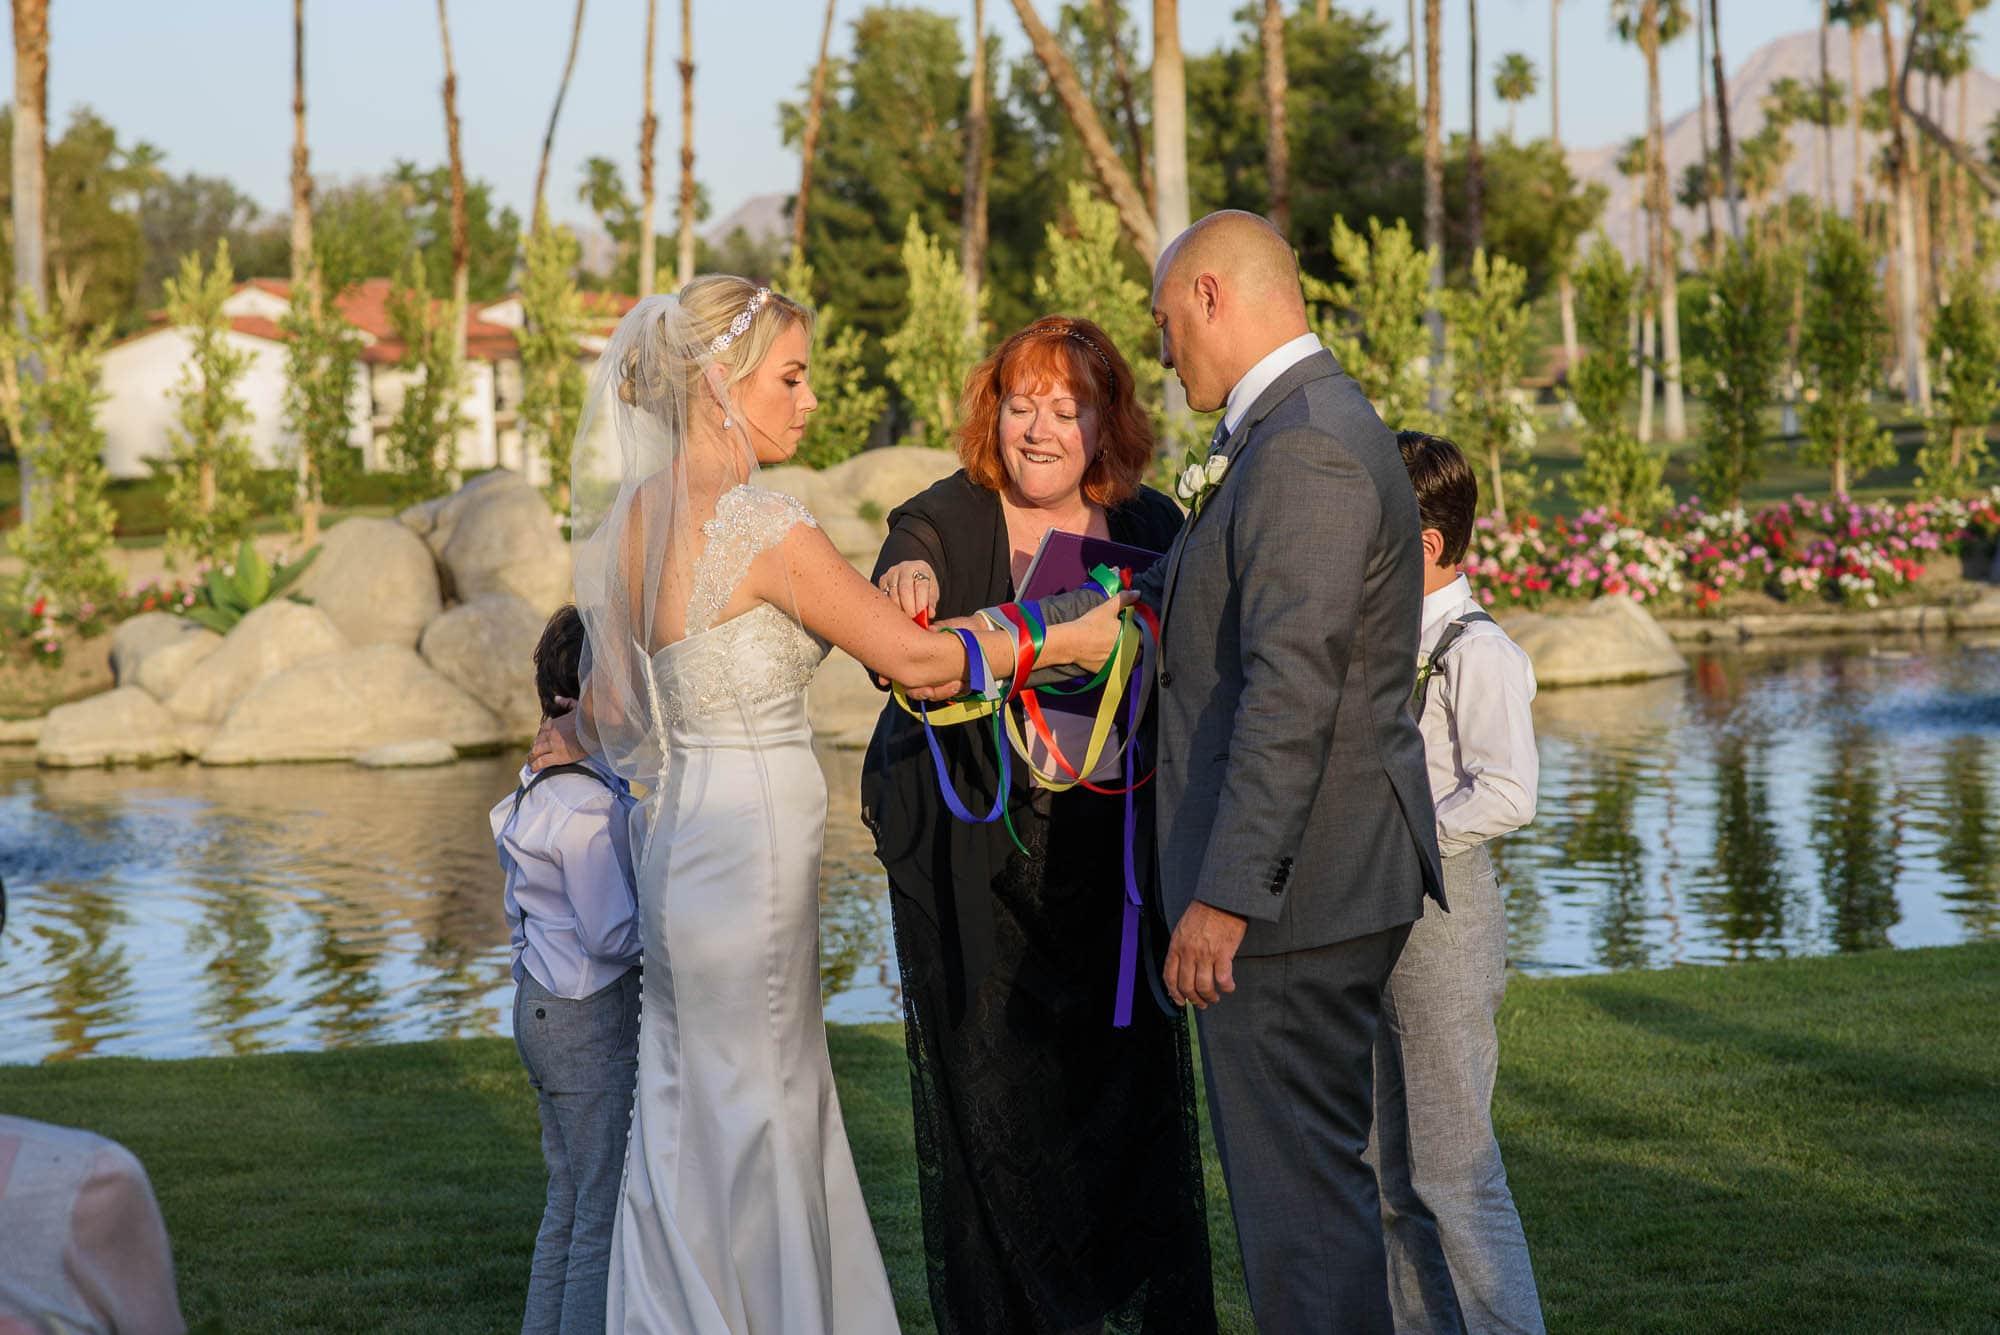 040_Alan_and_Heidi_Wedding_Amanda_Chad